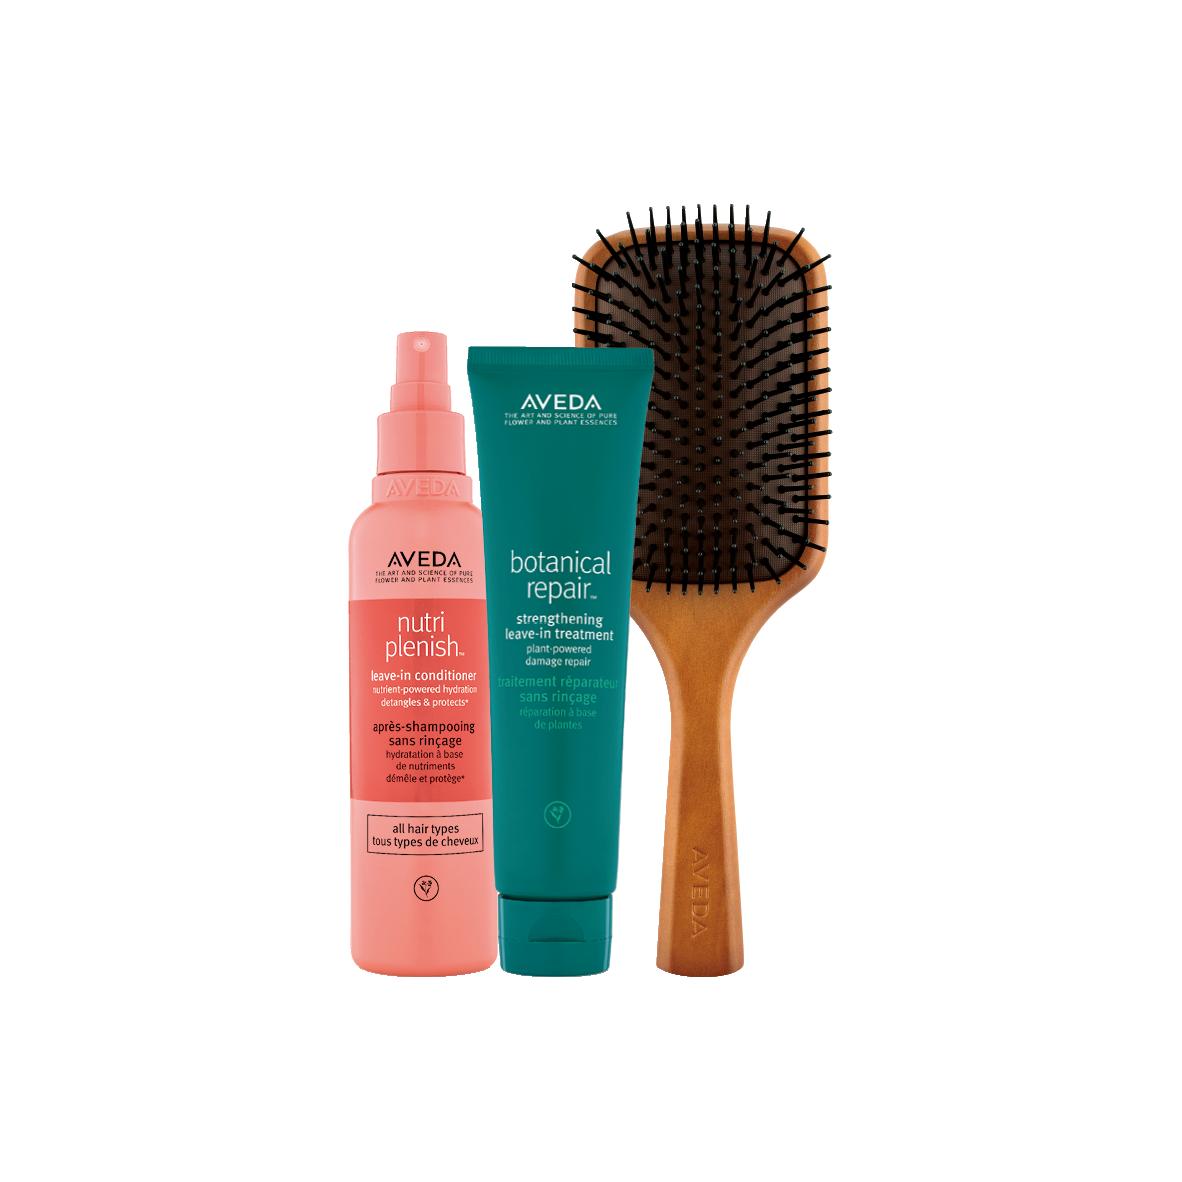 花植結構重鍵精華是今年一上市就引發熱議的產品,直接塗抹即可為髮絲進行三層結構修護,完整補充植物分子防護